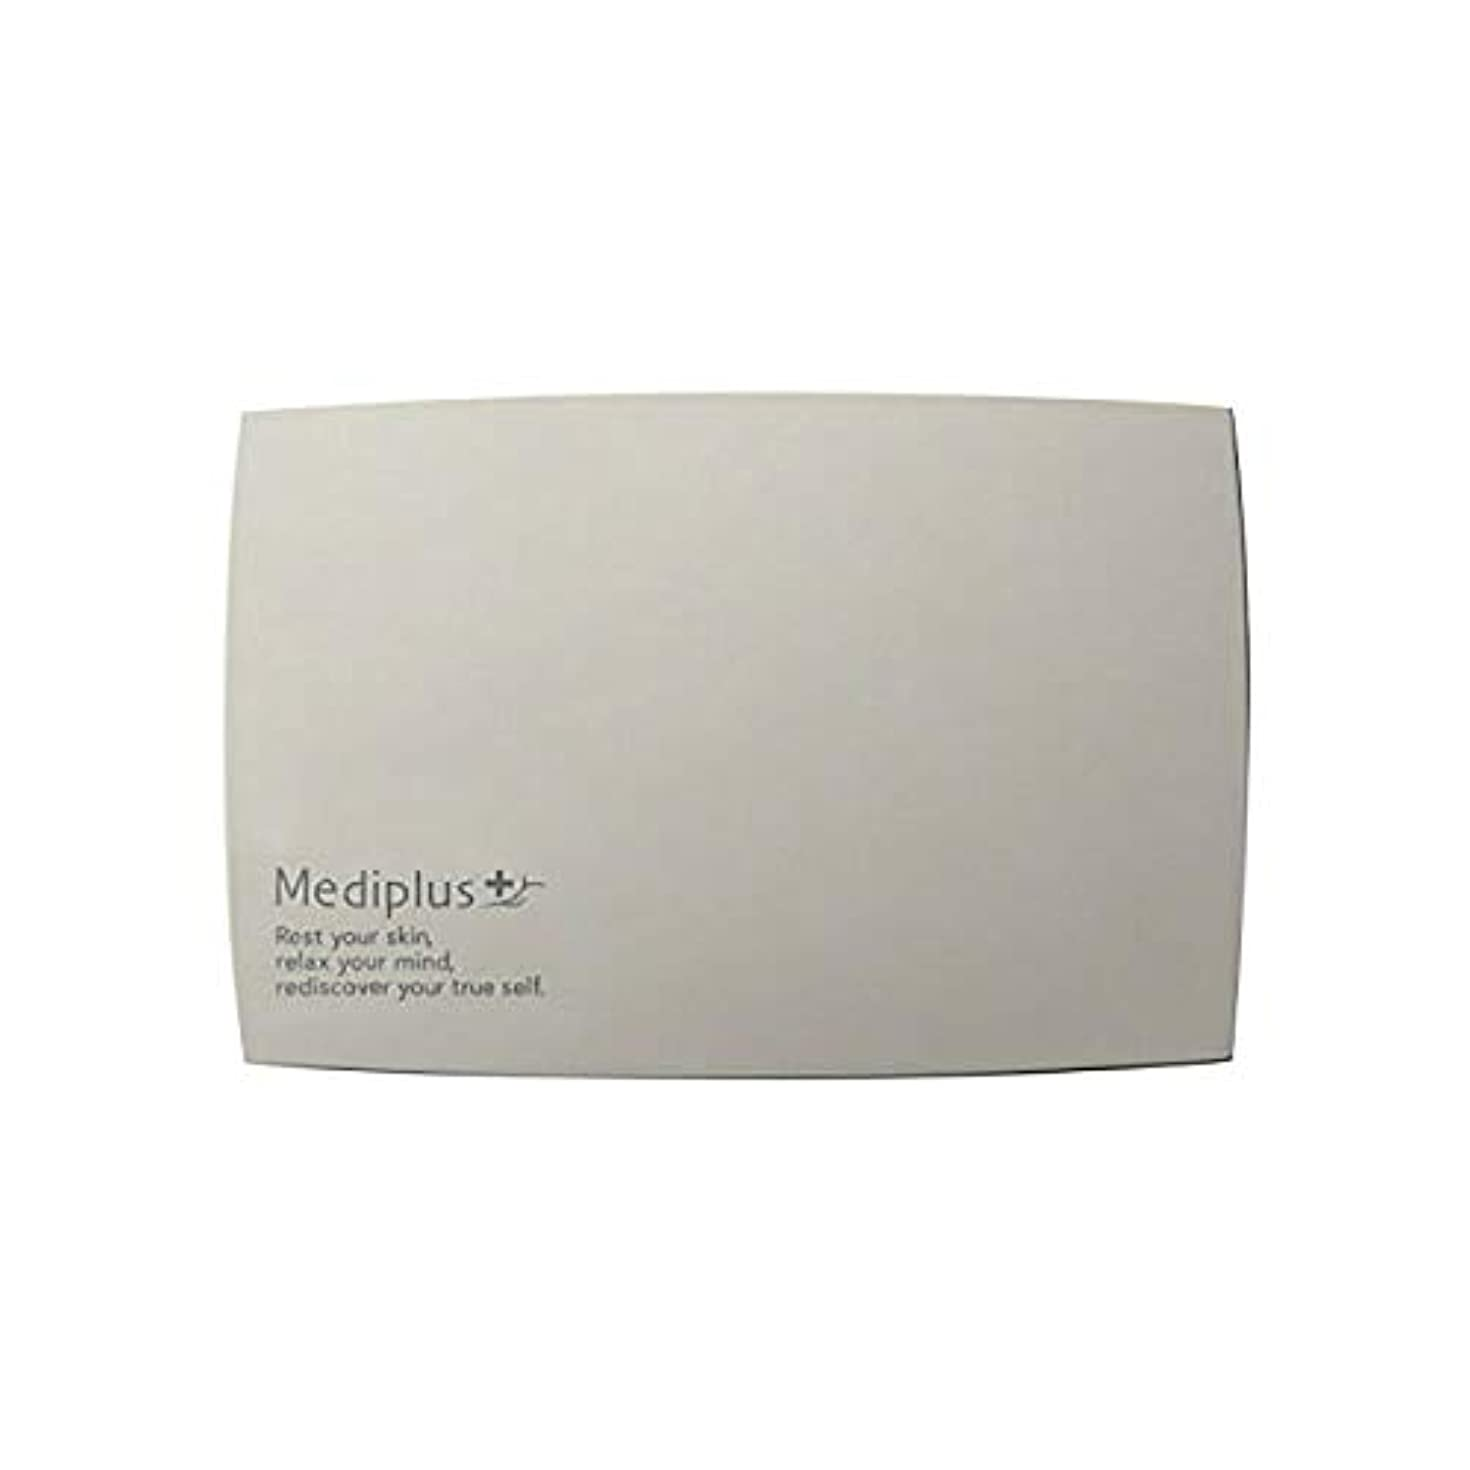 宝最適分配します【Mediplus+】 メディプラス プレストパウダー コンパクト [ 専用ケース ]